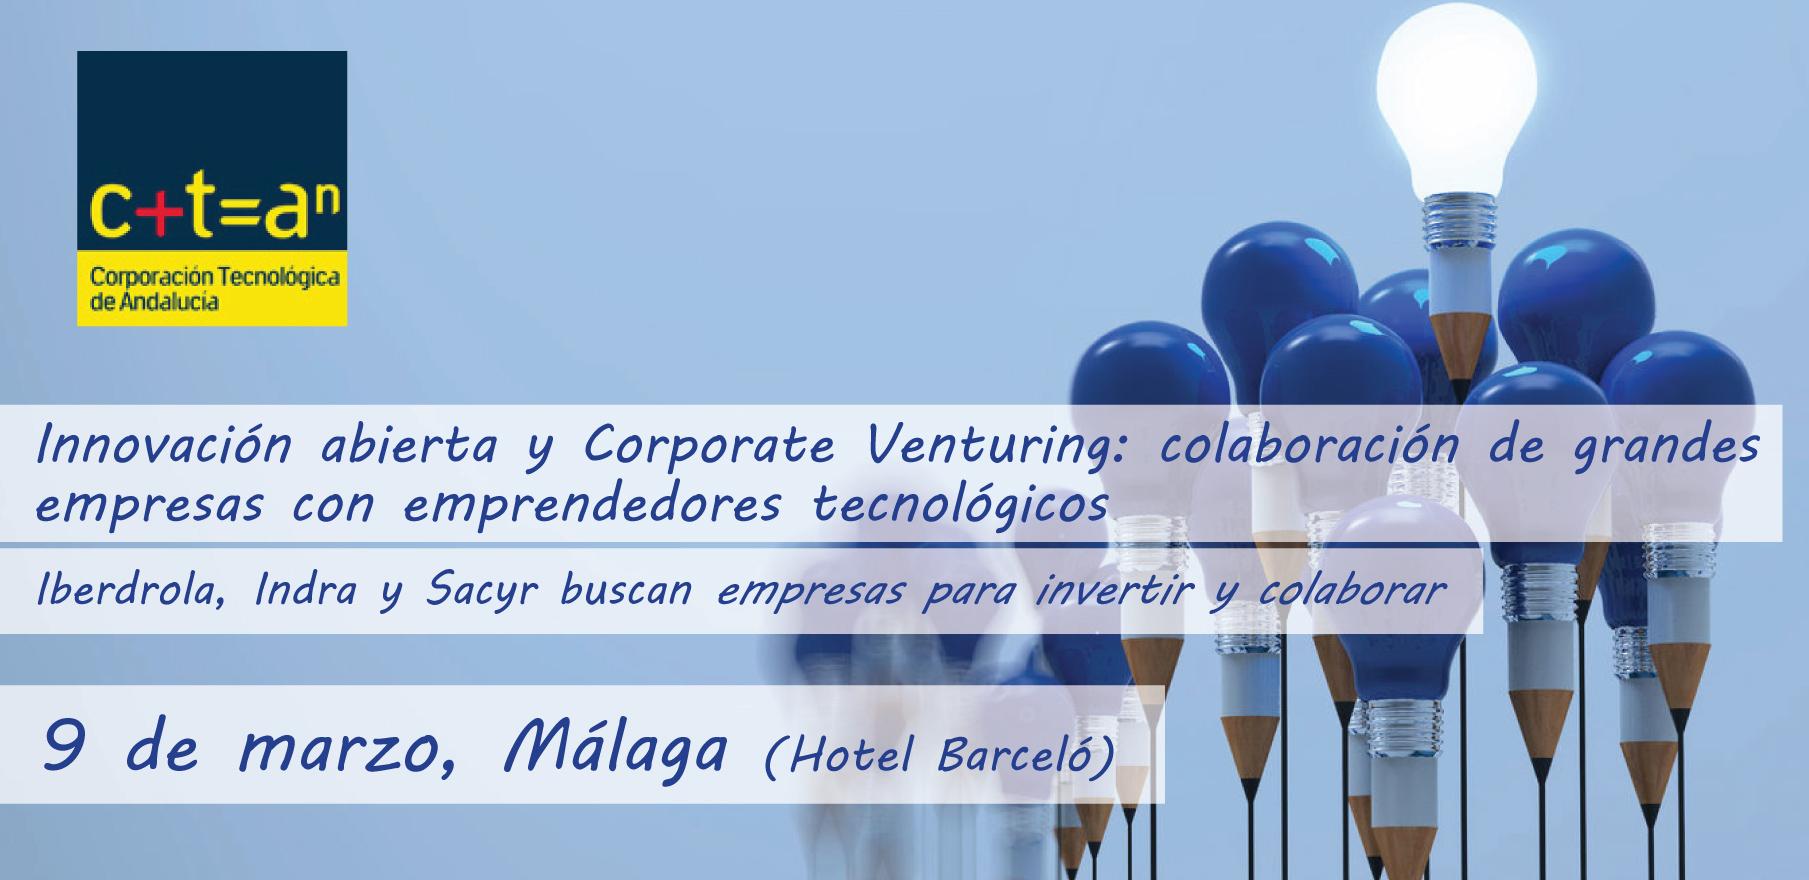 Encuentro Innovación abierta y Corporate Venturing organizado por la CTA